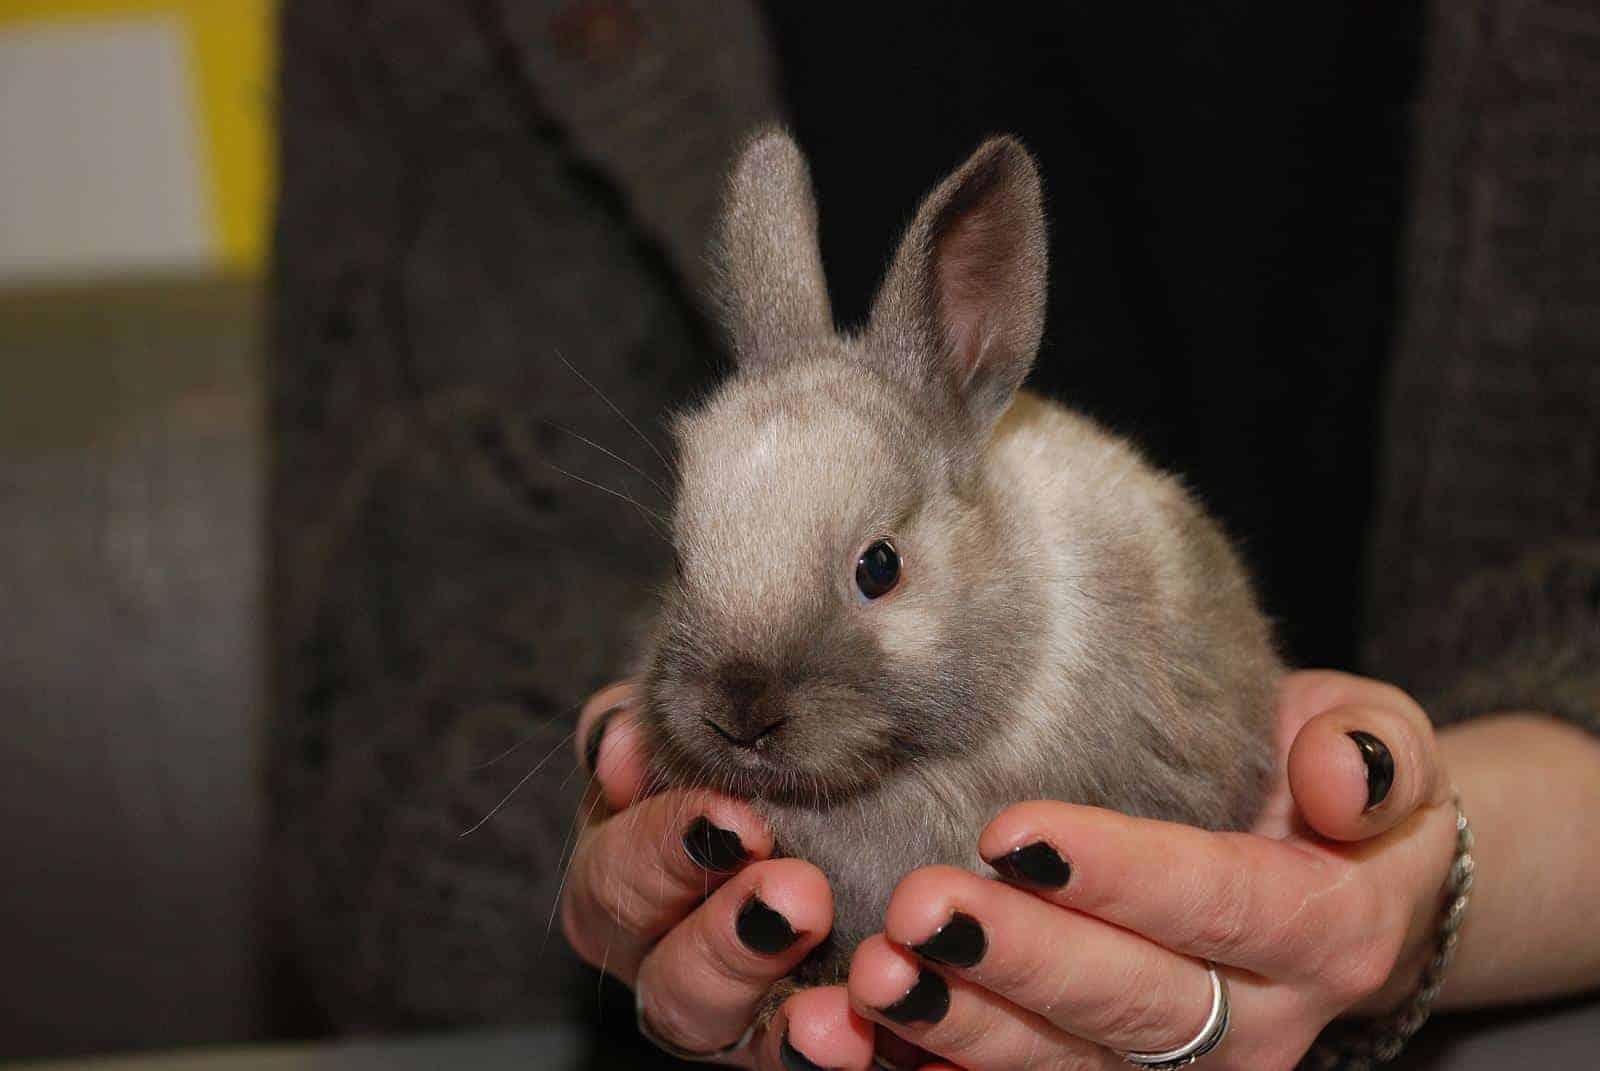 Экскурсия сфотосессией скарликовыми кроликами вантикафе Zaycafe до 29 марта 2019